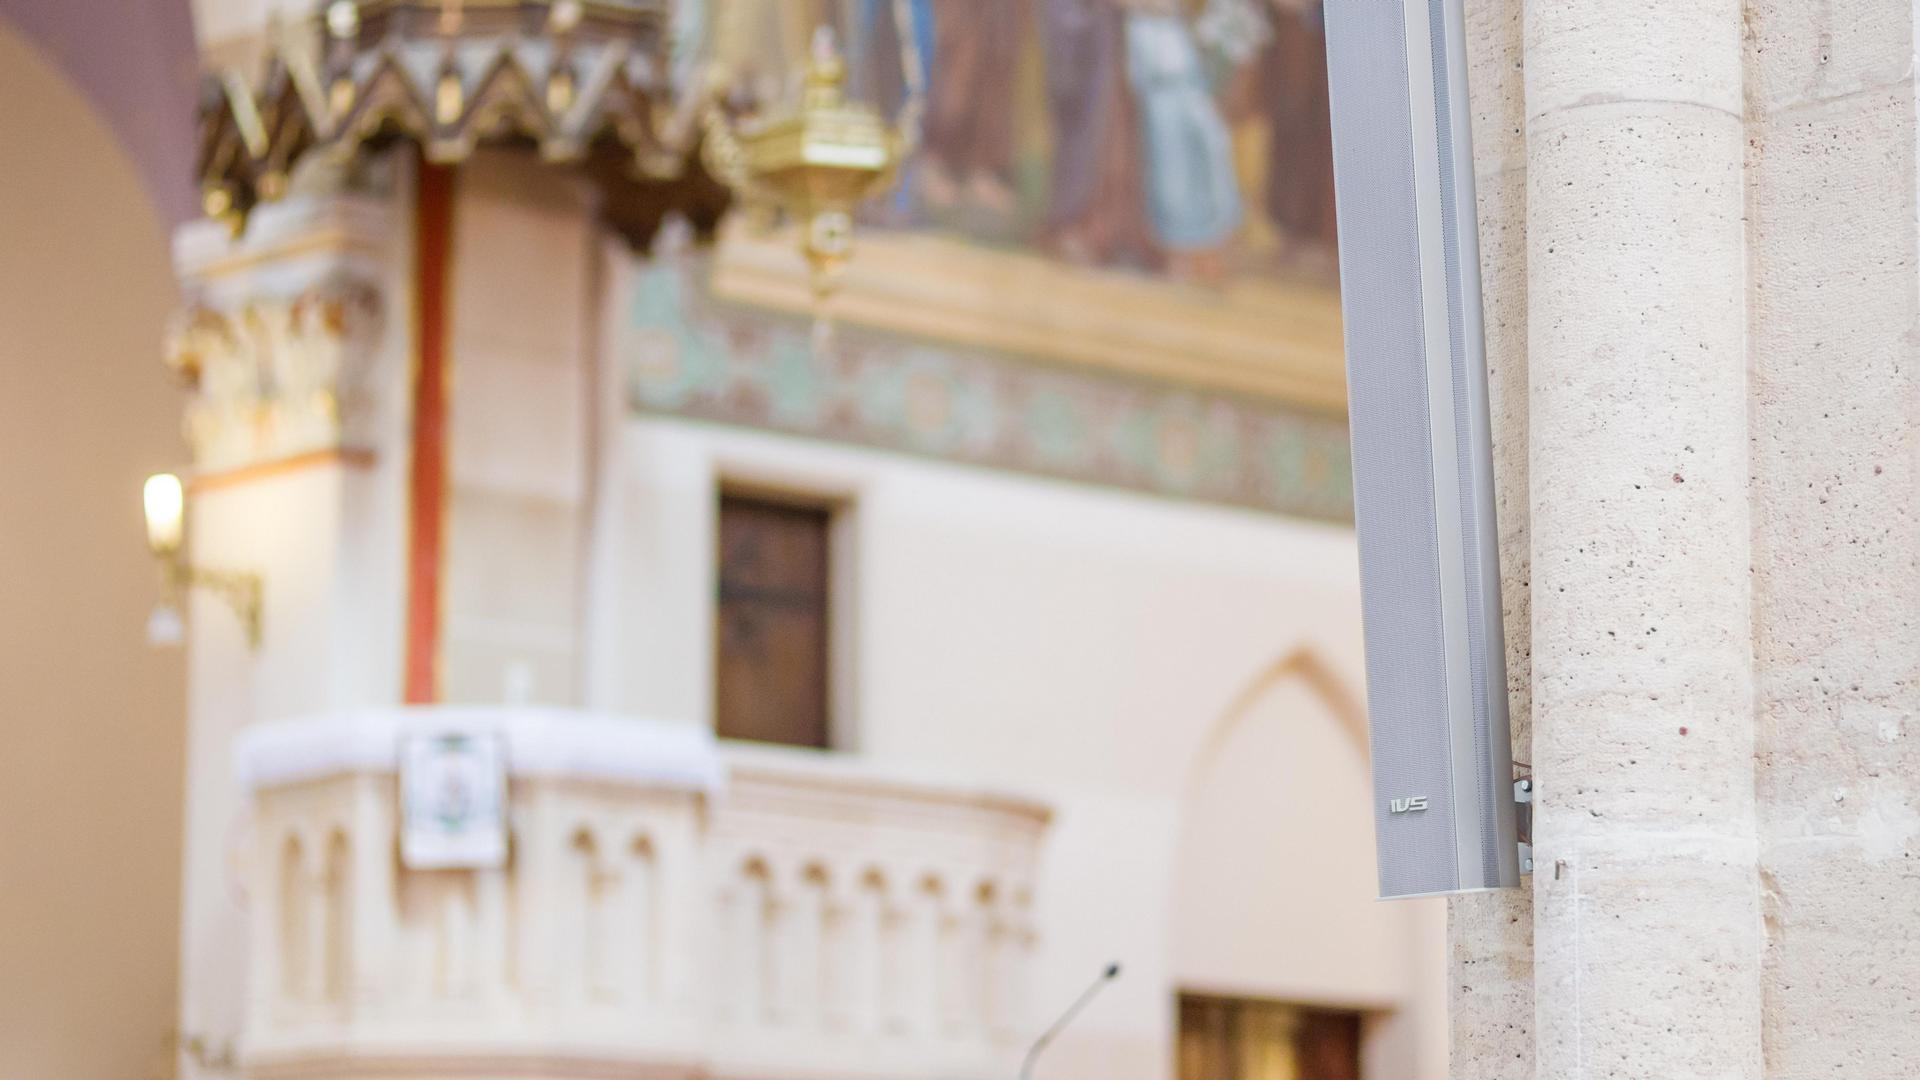 IVS vonalsugárzó a Páduai Szent Antal templomban